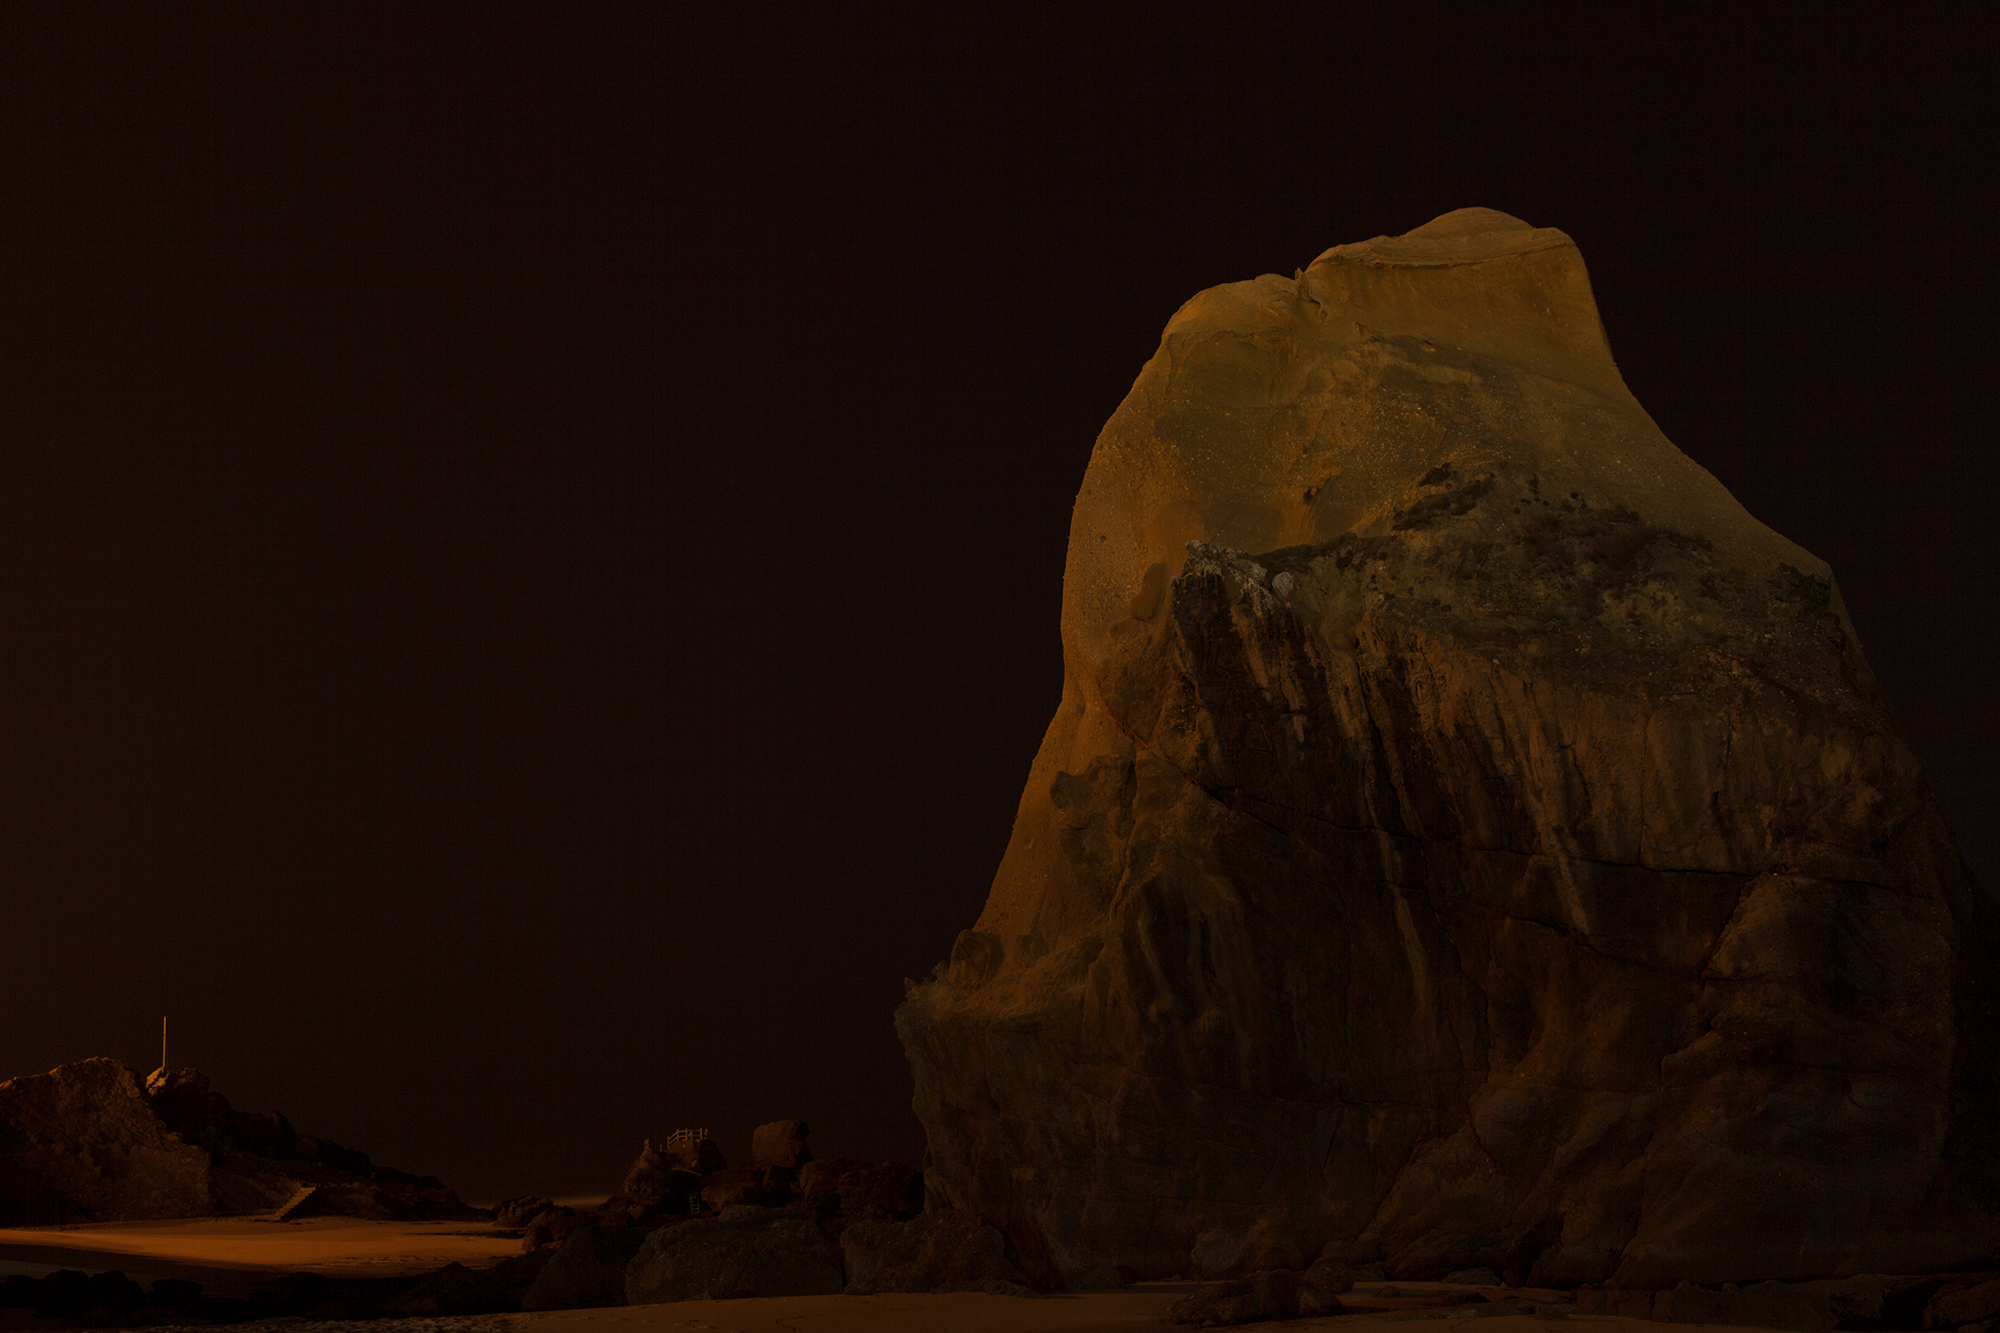 carina martins, vagueamos na noite sem sentido e somos devorados pelo fogo - rocha na praia a noite